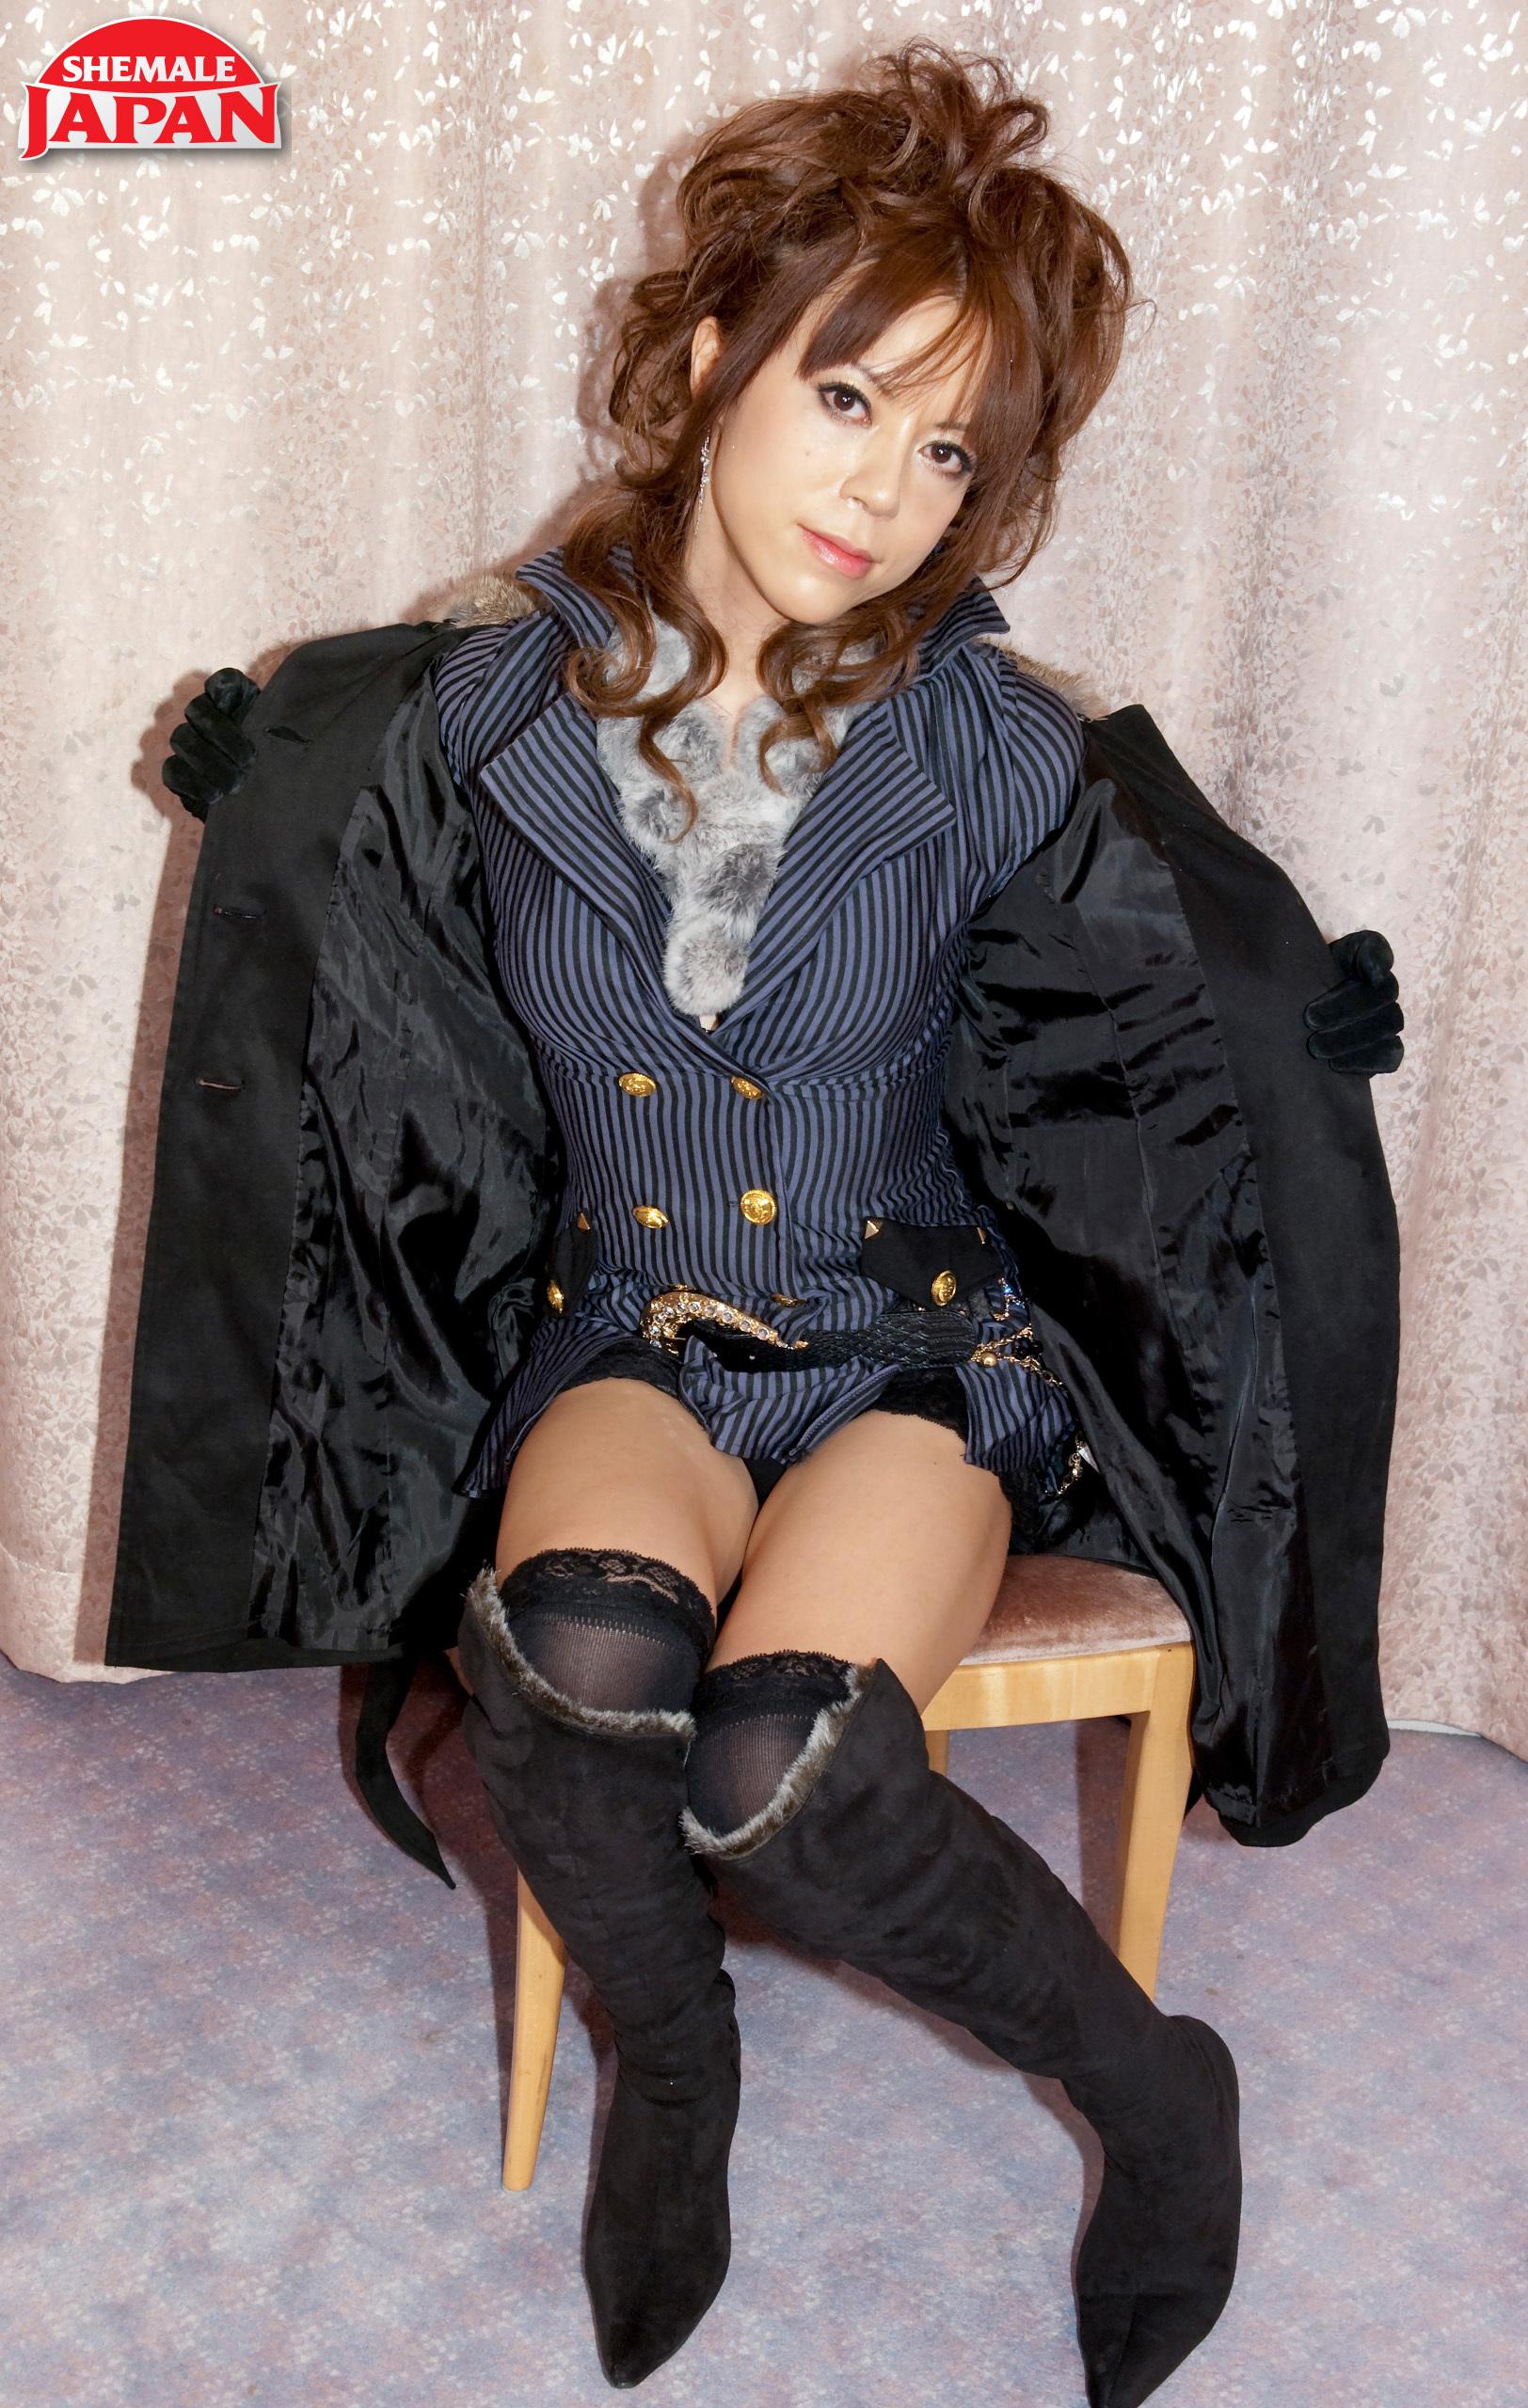 Flirtatious Seira Mikami!